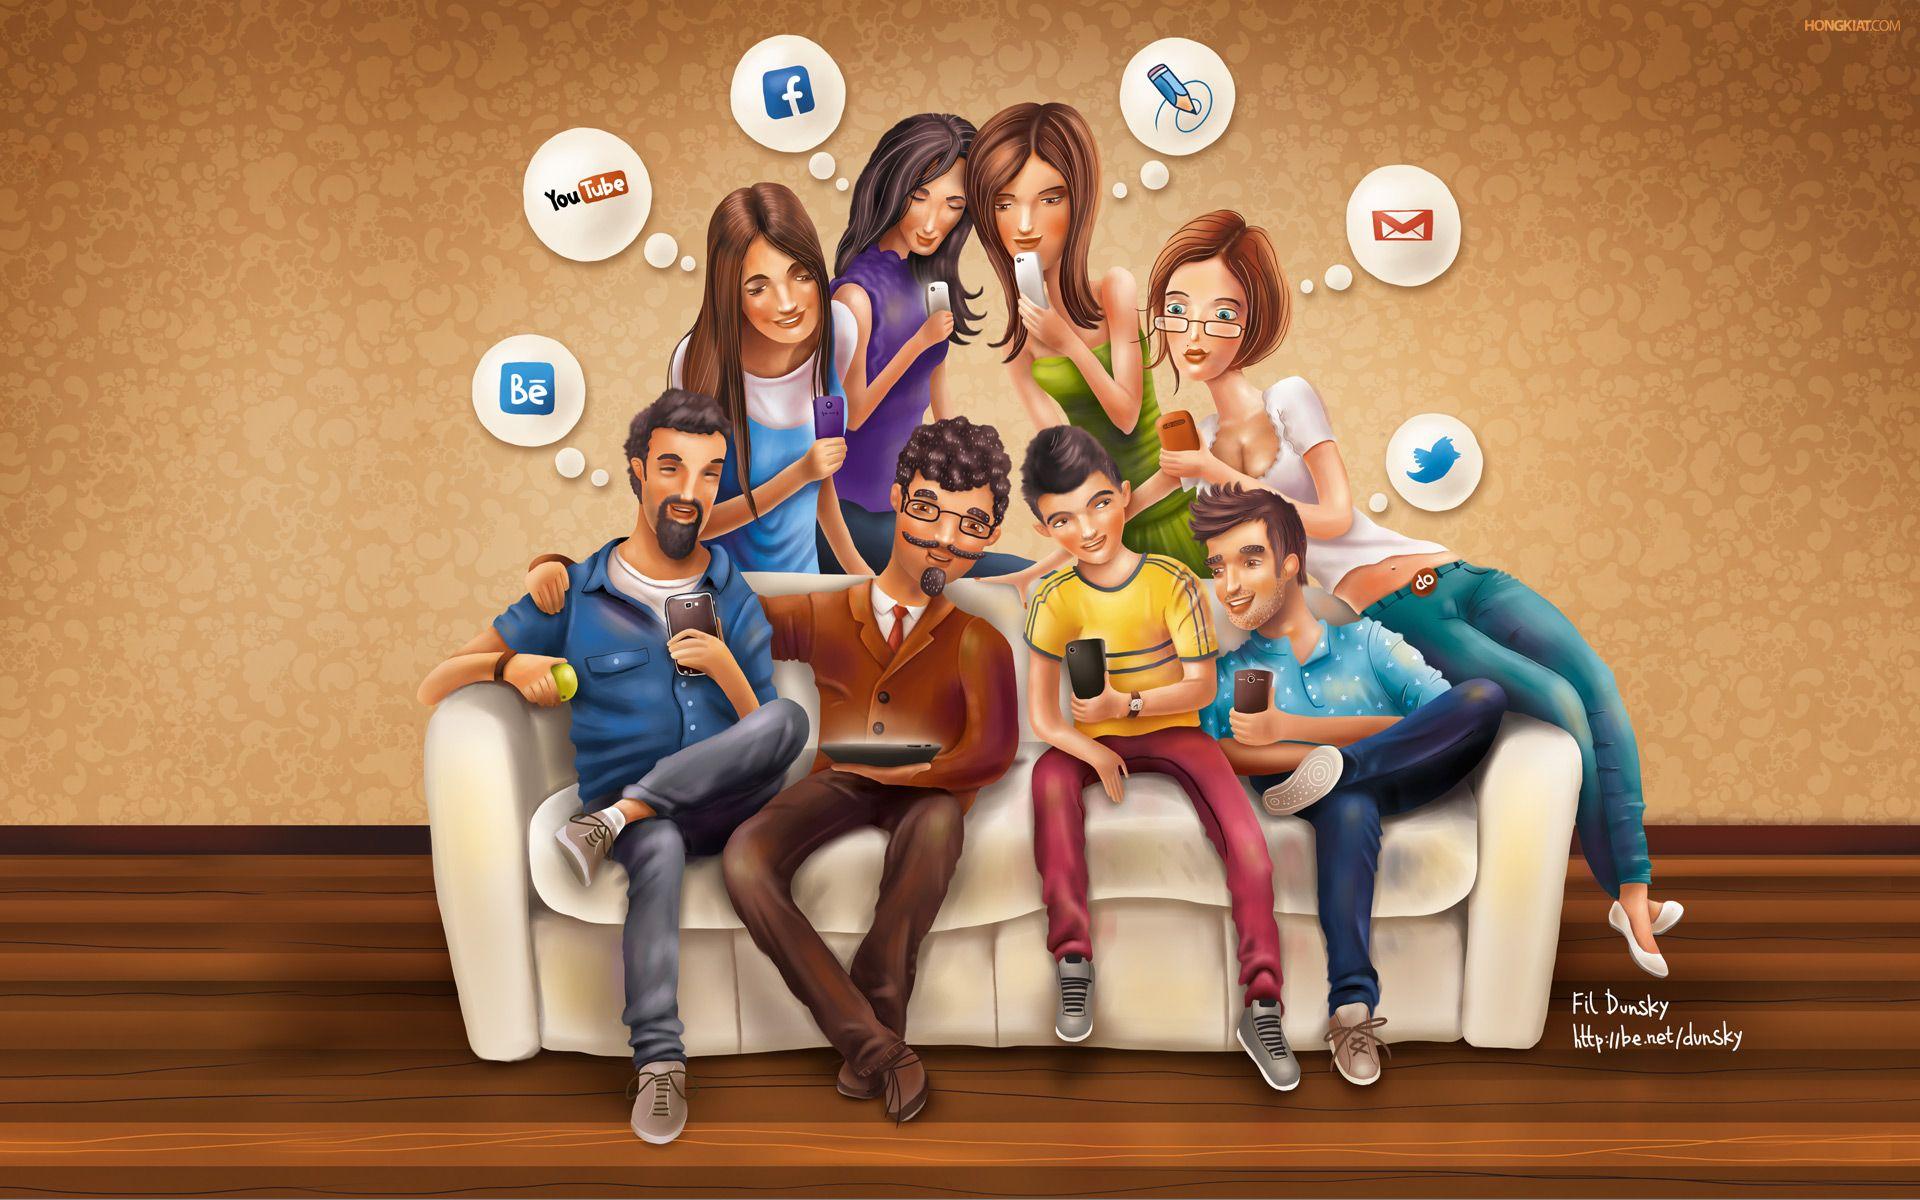 Människor med mobila enheter som sitter i, eller står bakom, en soffa. Alla tittar på sin telefon och tänker på sociala medier.